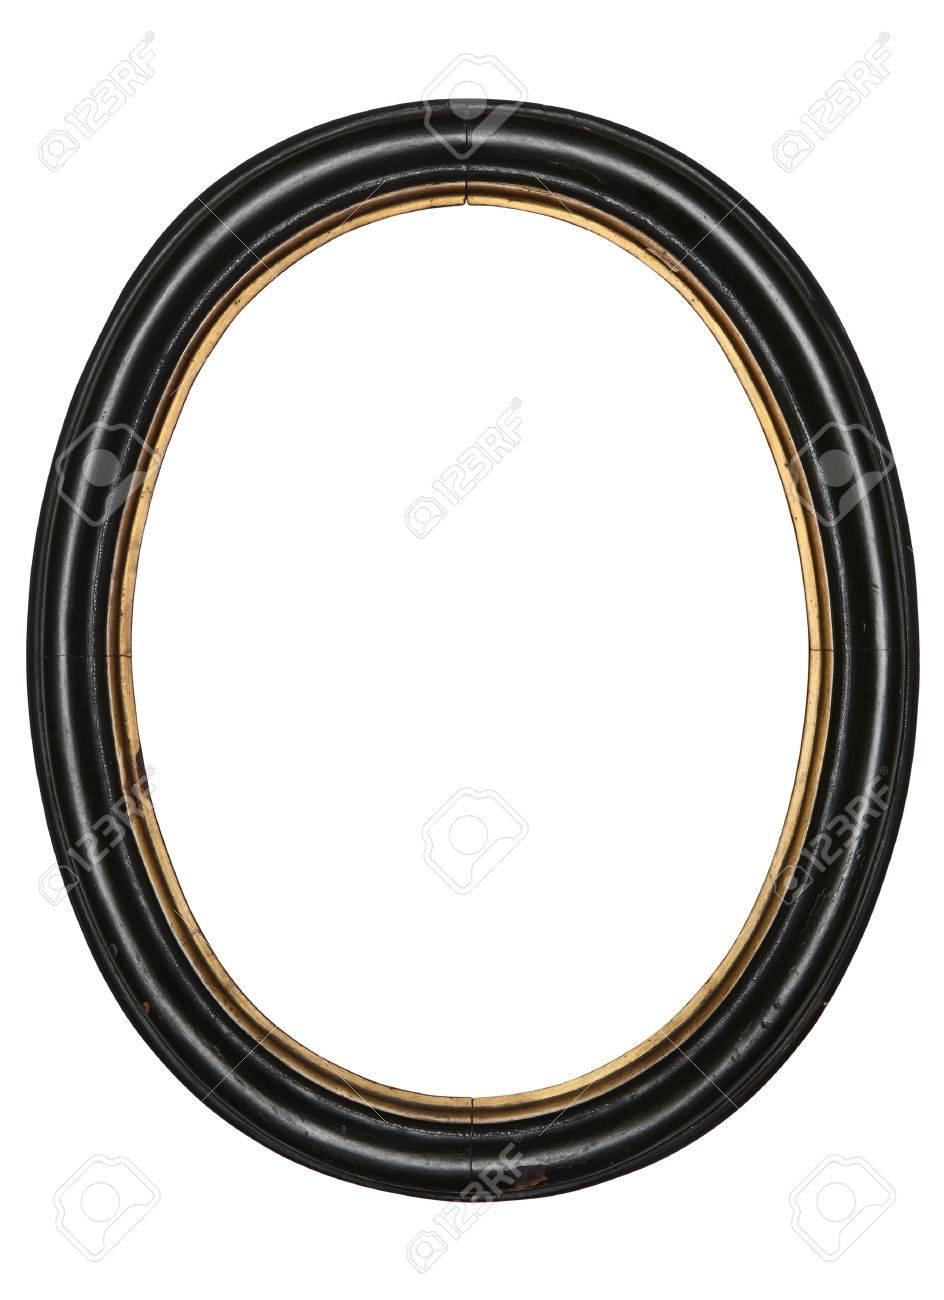 vieux cadre ovale en bois fond blanc isole